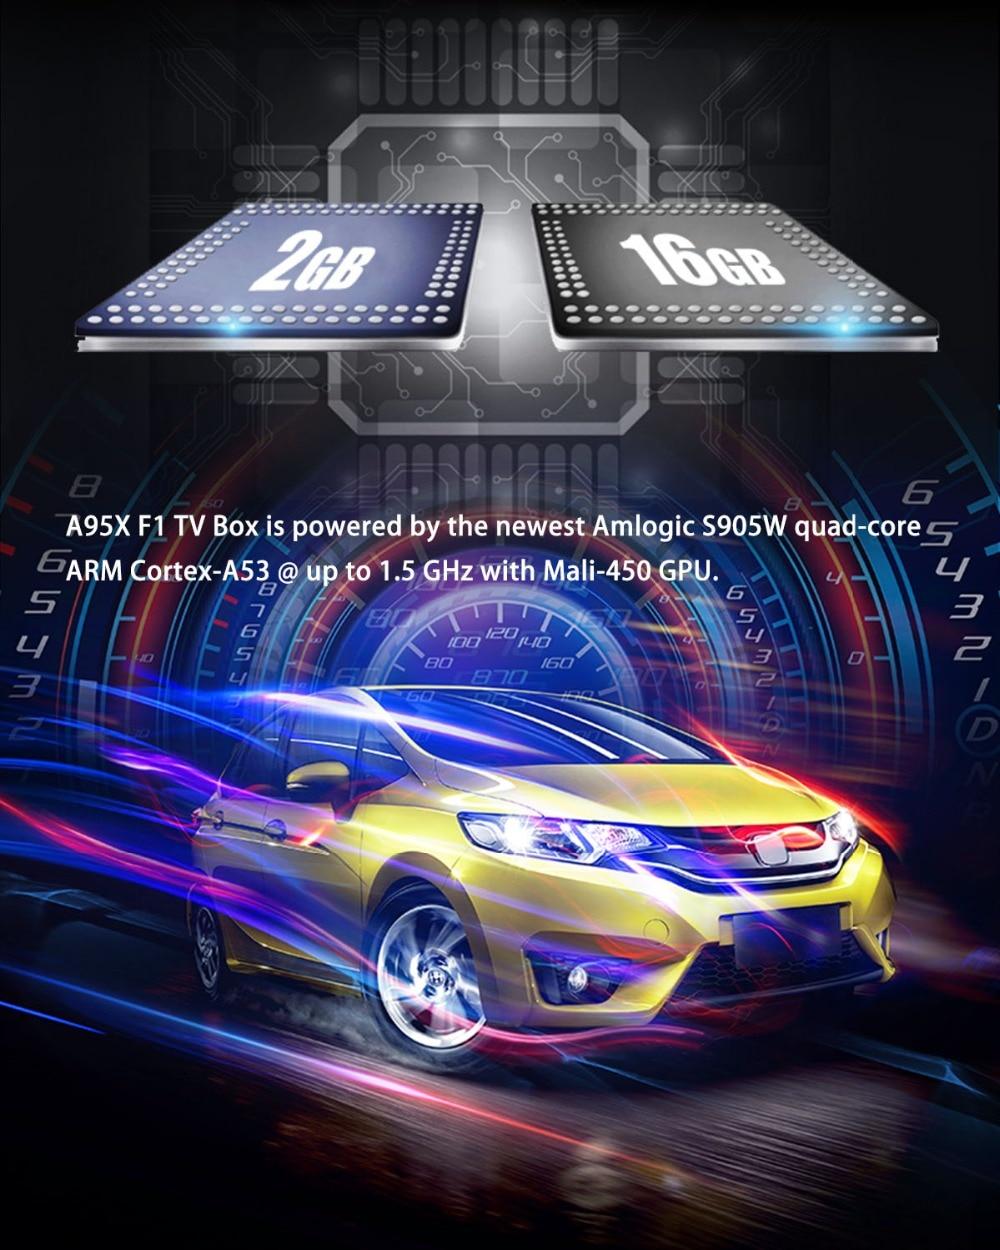 A95X F1 Android TV Box 8 1 Amlogic S905W Quad core 2GB DDR3 16GB eMMC 2 4G  4K tv box wifi PK mi box X96 Max android BOX TV